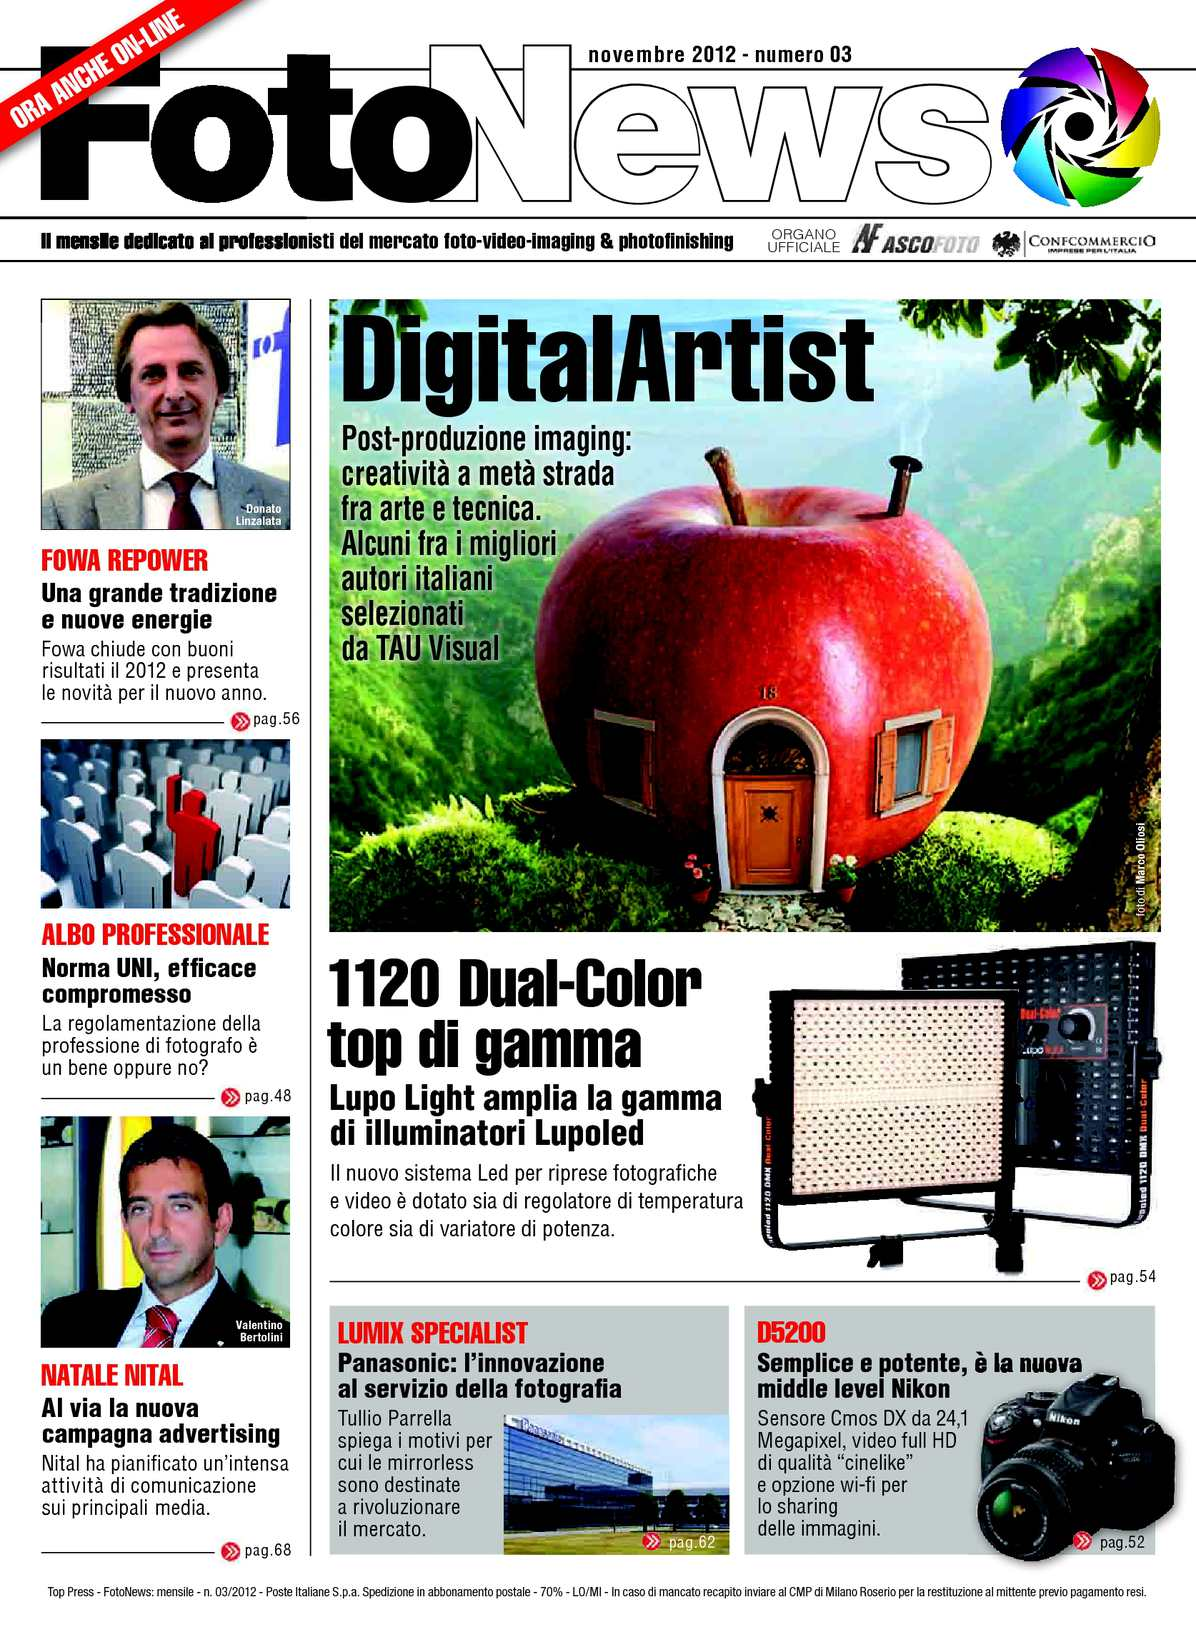 FotoNews 03 novembre 2012